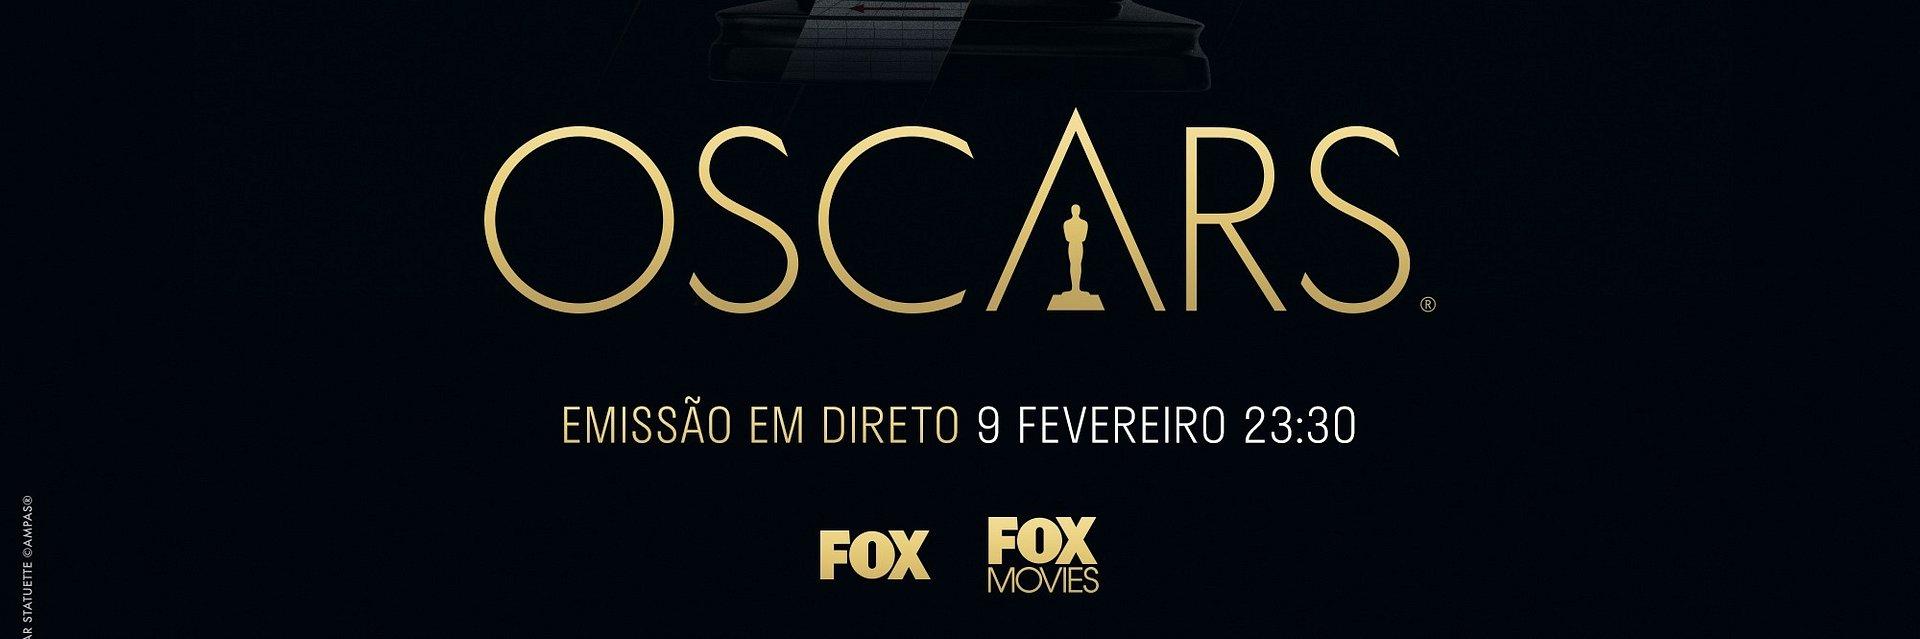 COMENTÁRIOS DOS OSCARS® NA FOX, A CARGO DE JOANA CRUZ, RODRIGO GOMES E PAULO PEREIRA DA RFM